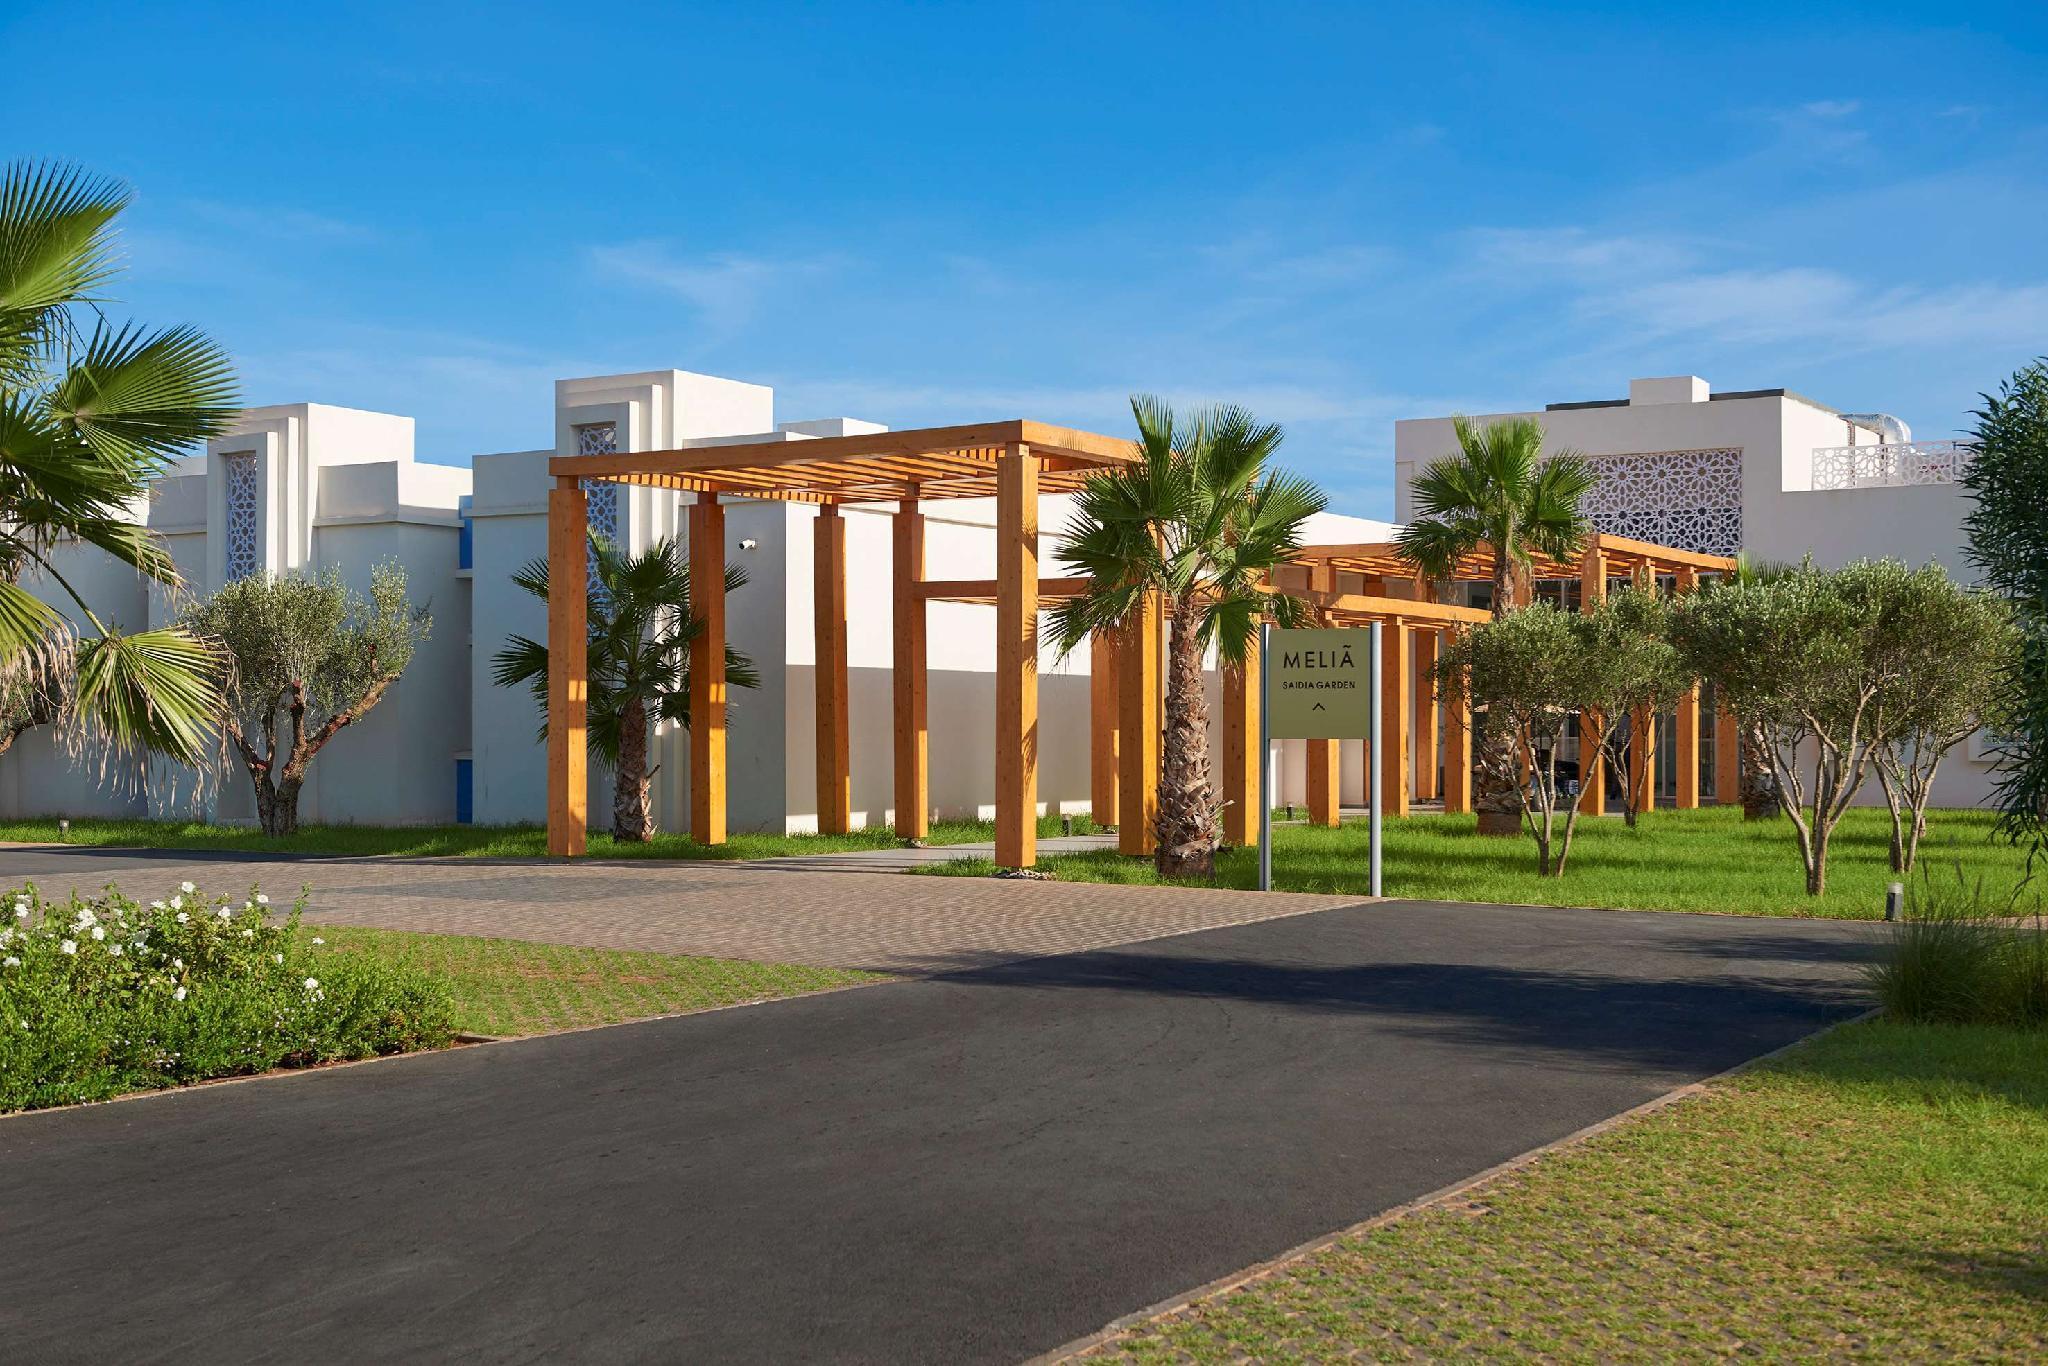 Melia Saidia Residences